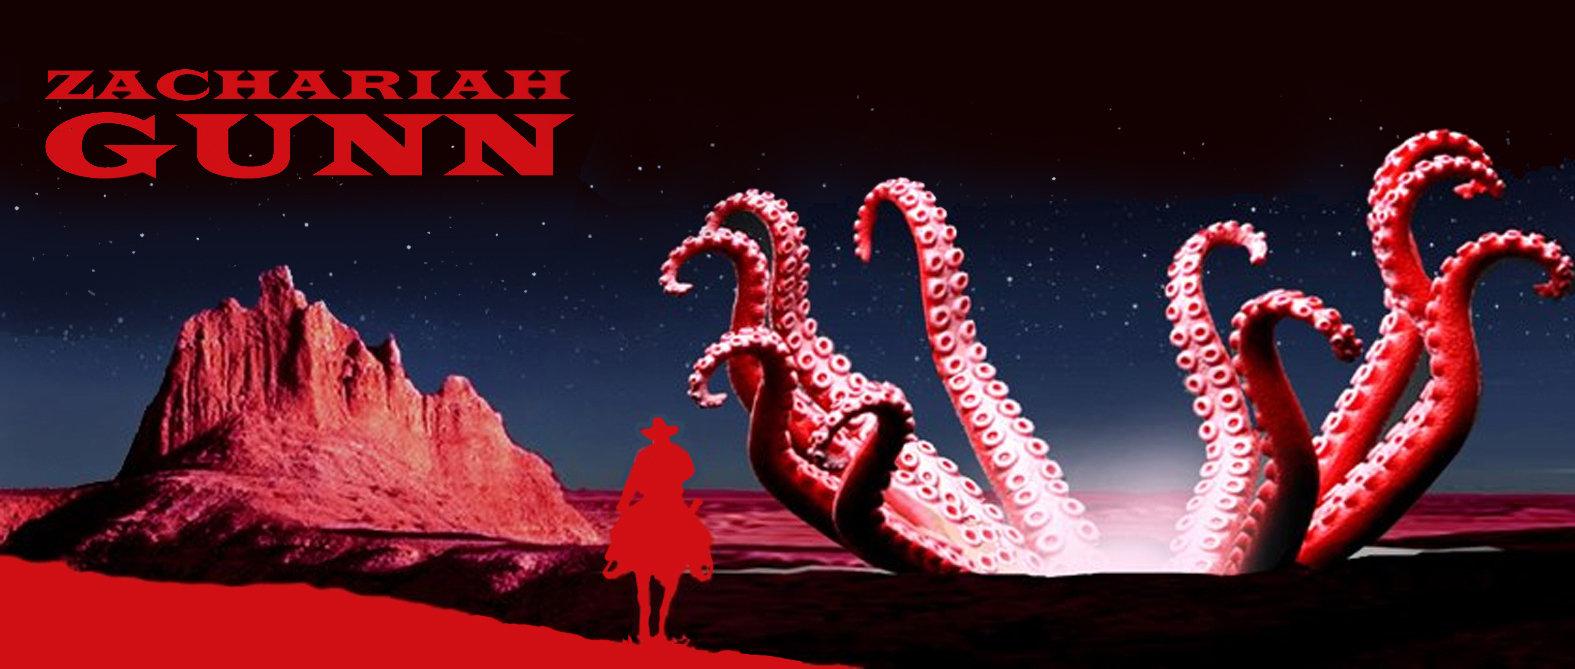 zachariah gunn_long.jpg